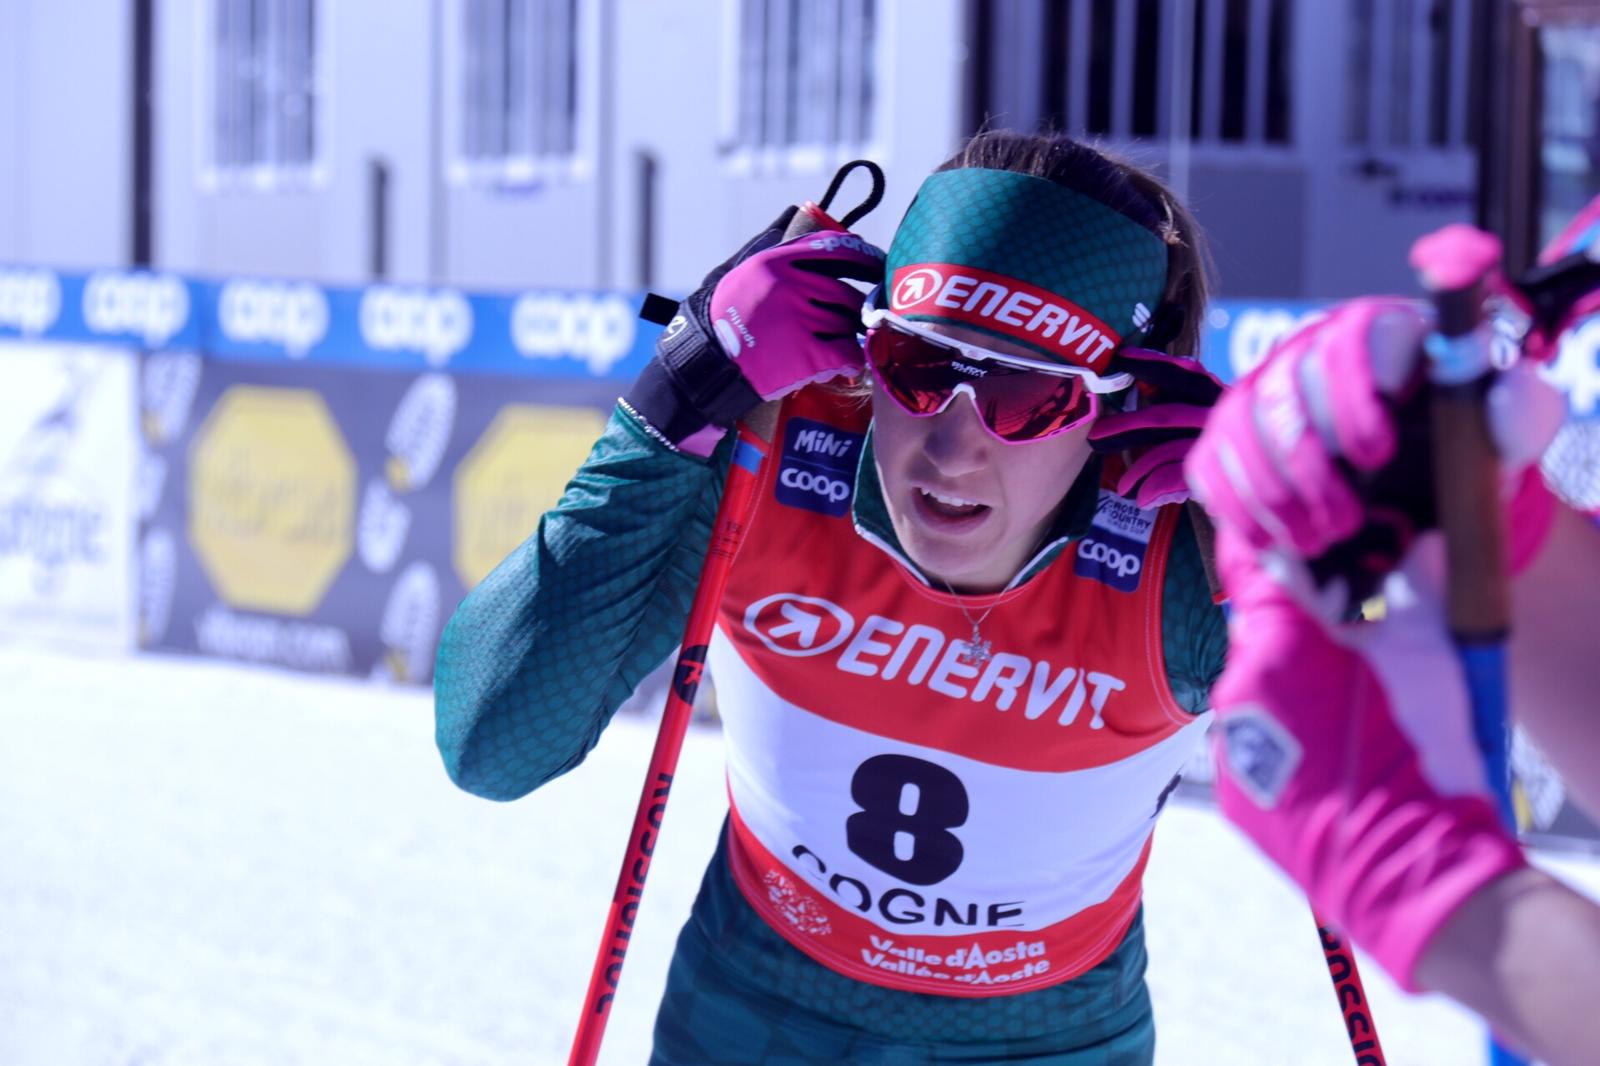 Greta Laurent